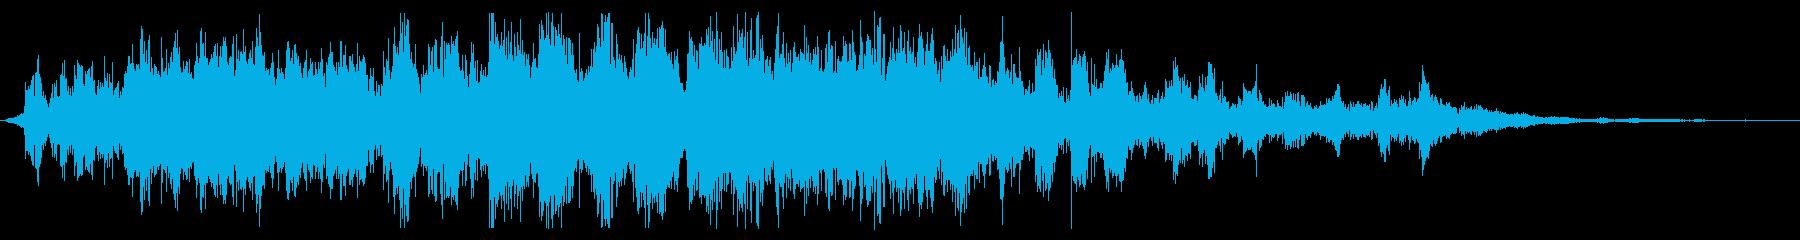 観客 笑い声(長め ダラダラ)TV 公開の再生済みの波形